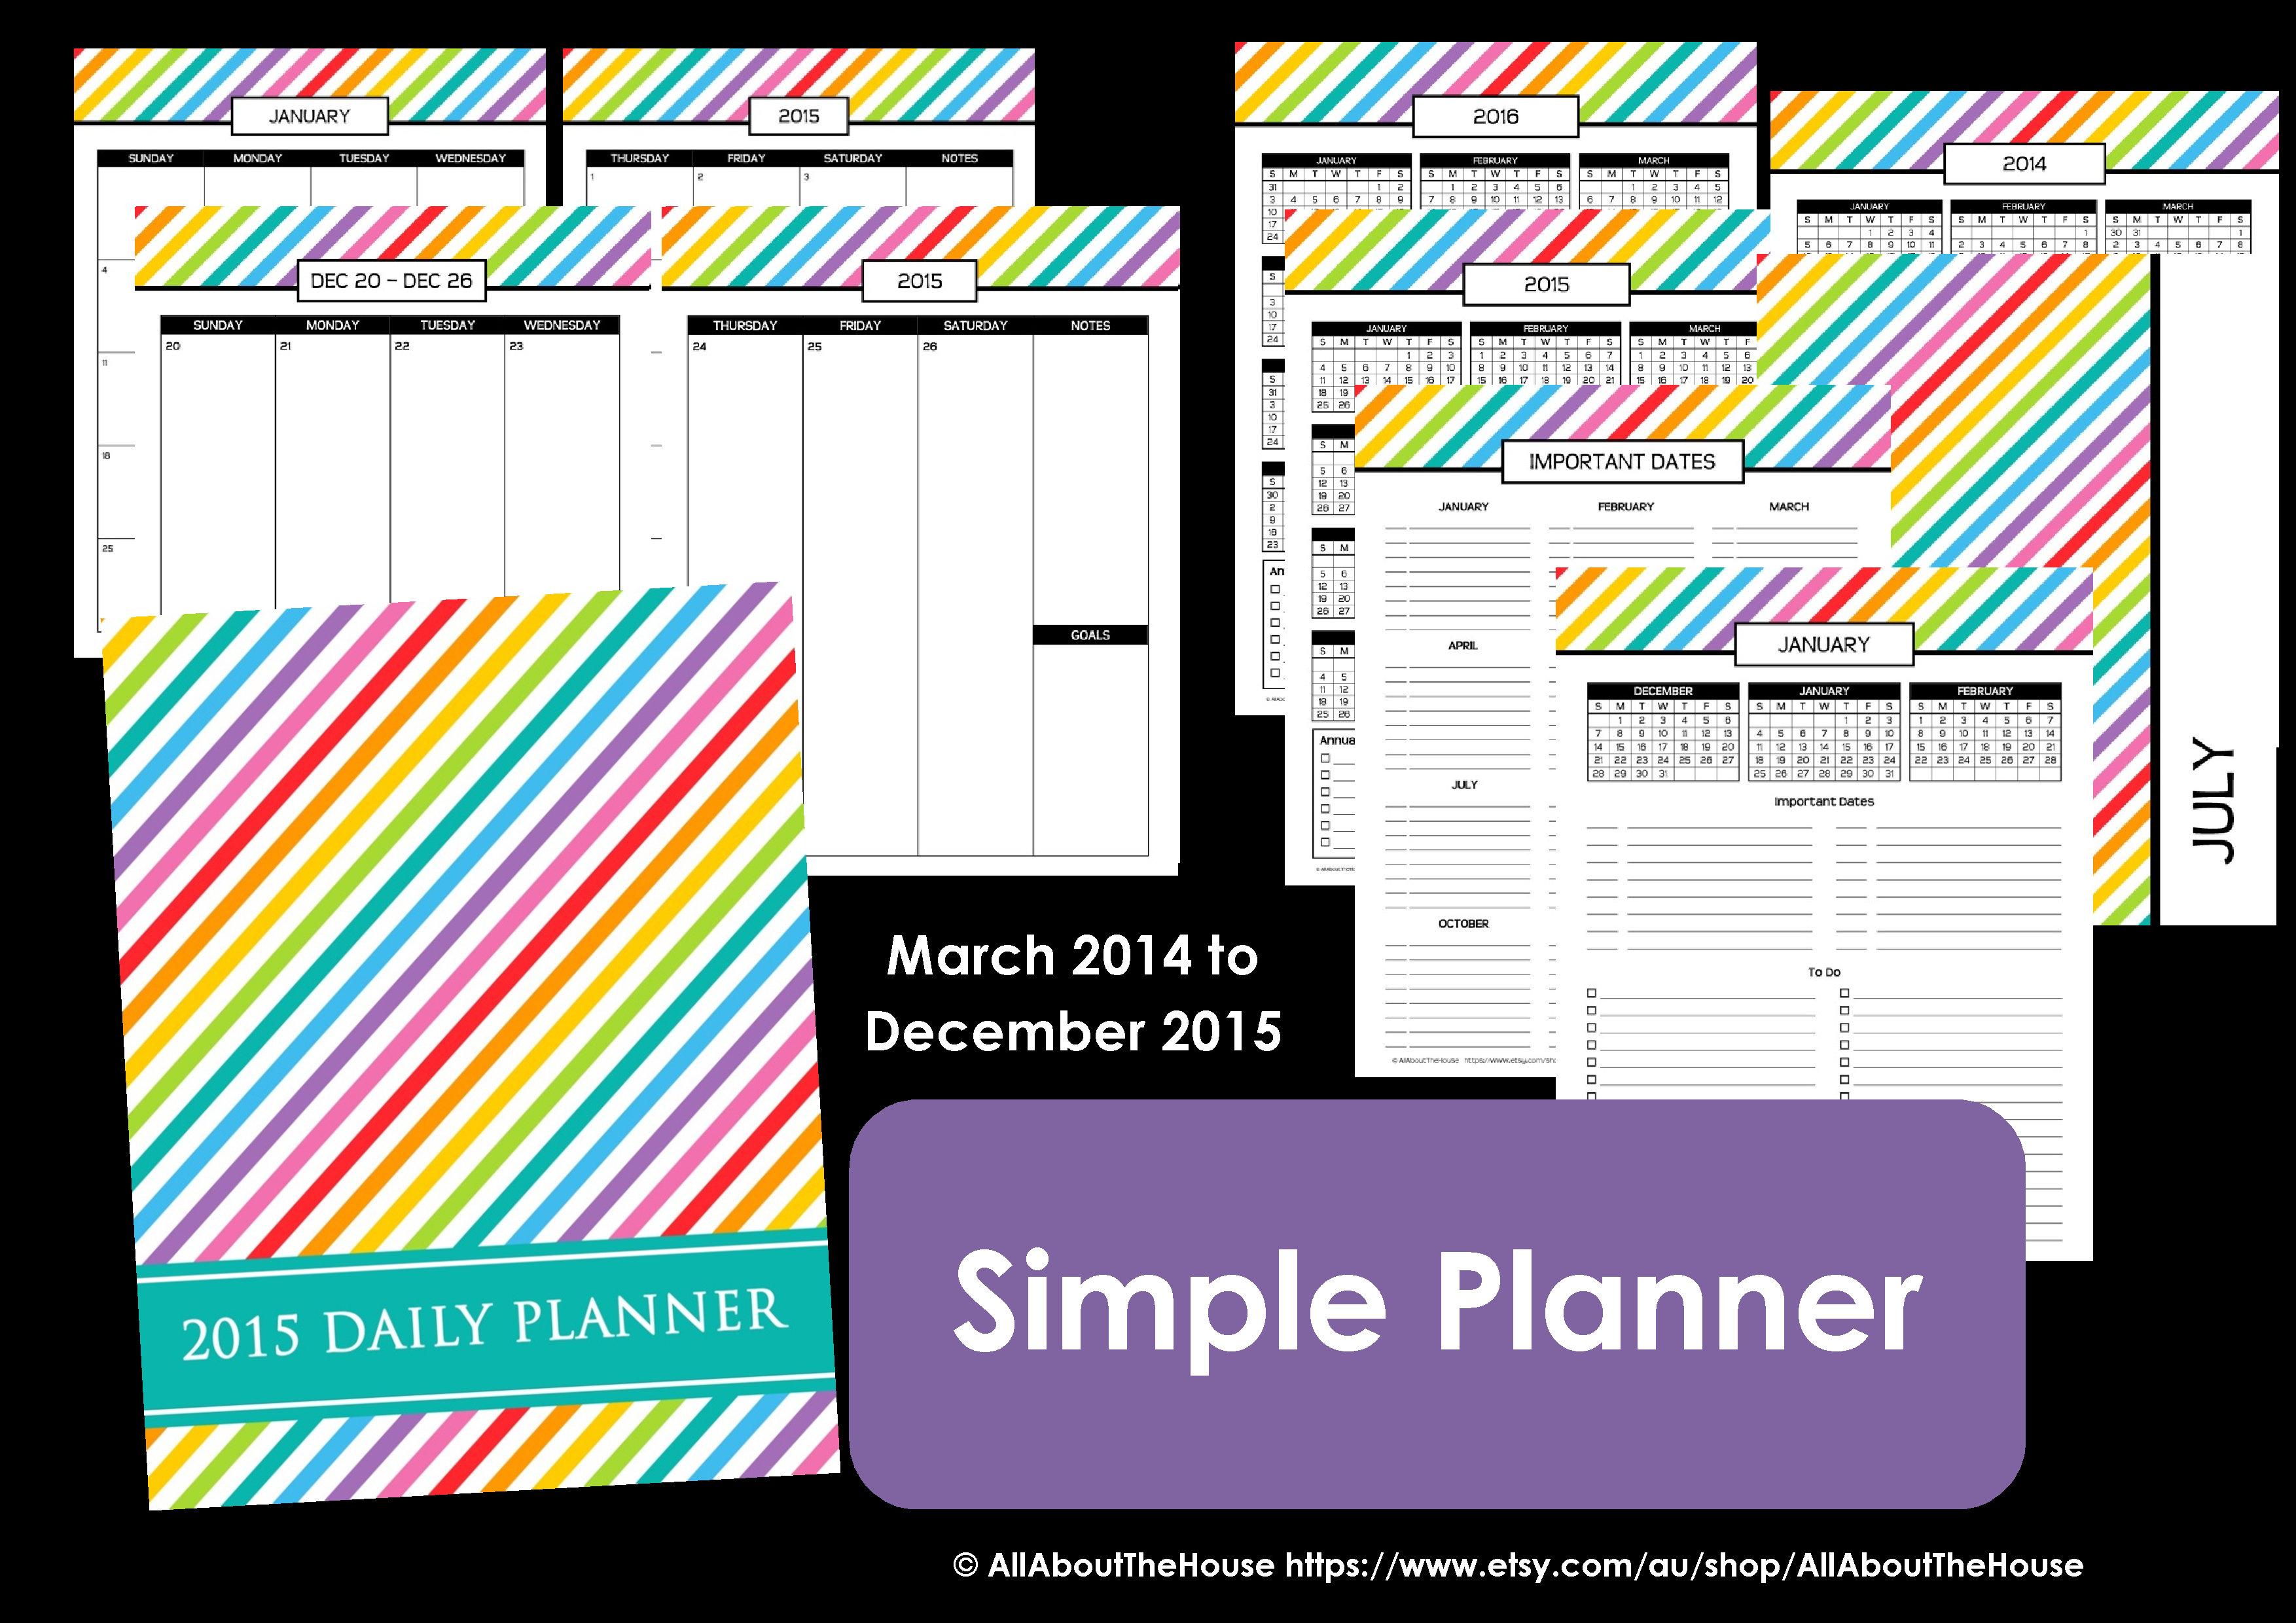 Personalised printable planner 2015 2014